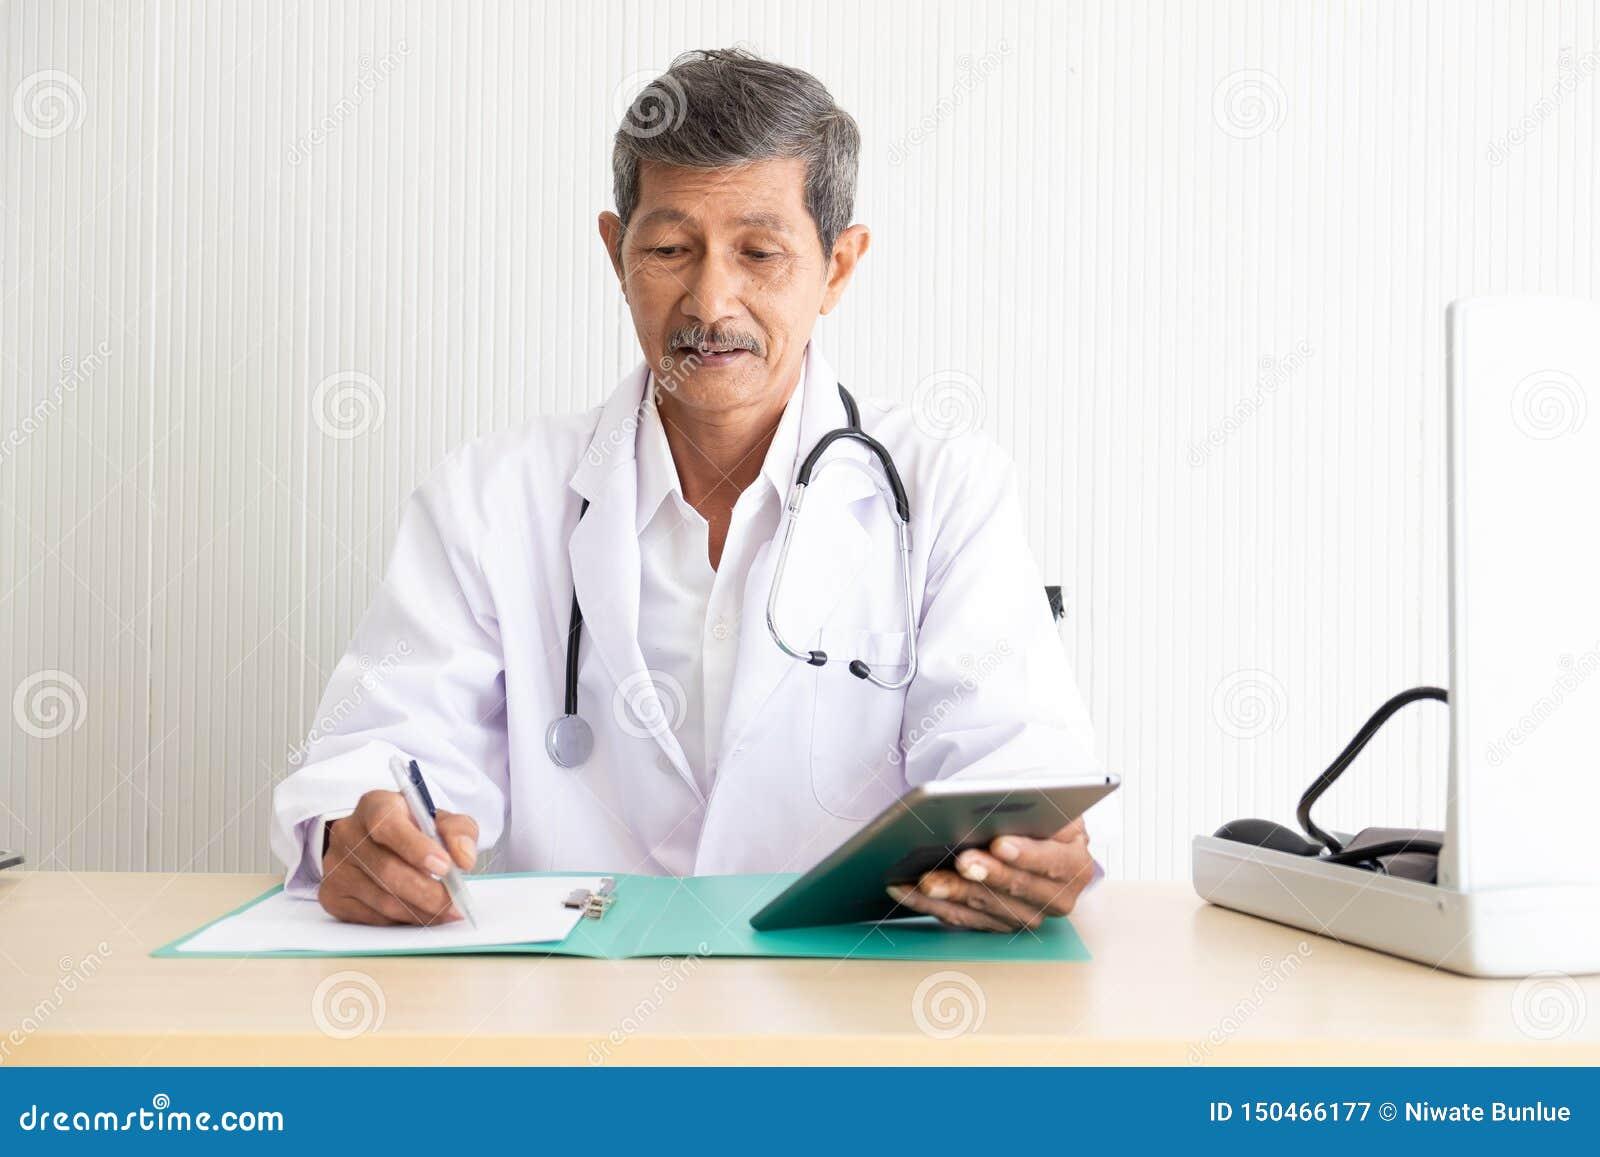 Πορτρέτο ανώτερων ιατρικών πληροφοριών ελέγχου γιατρών